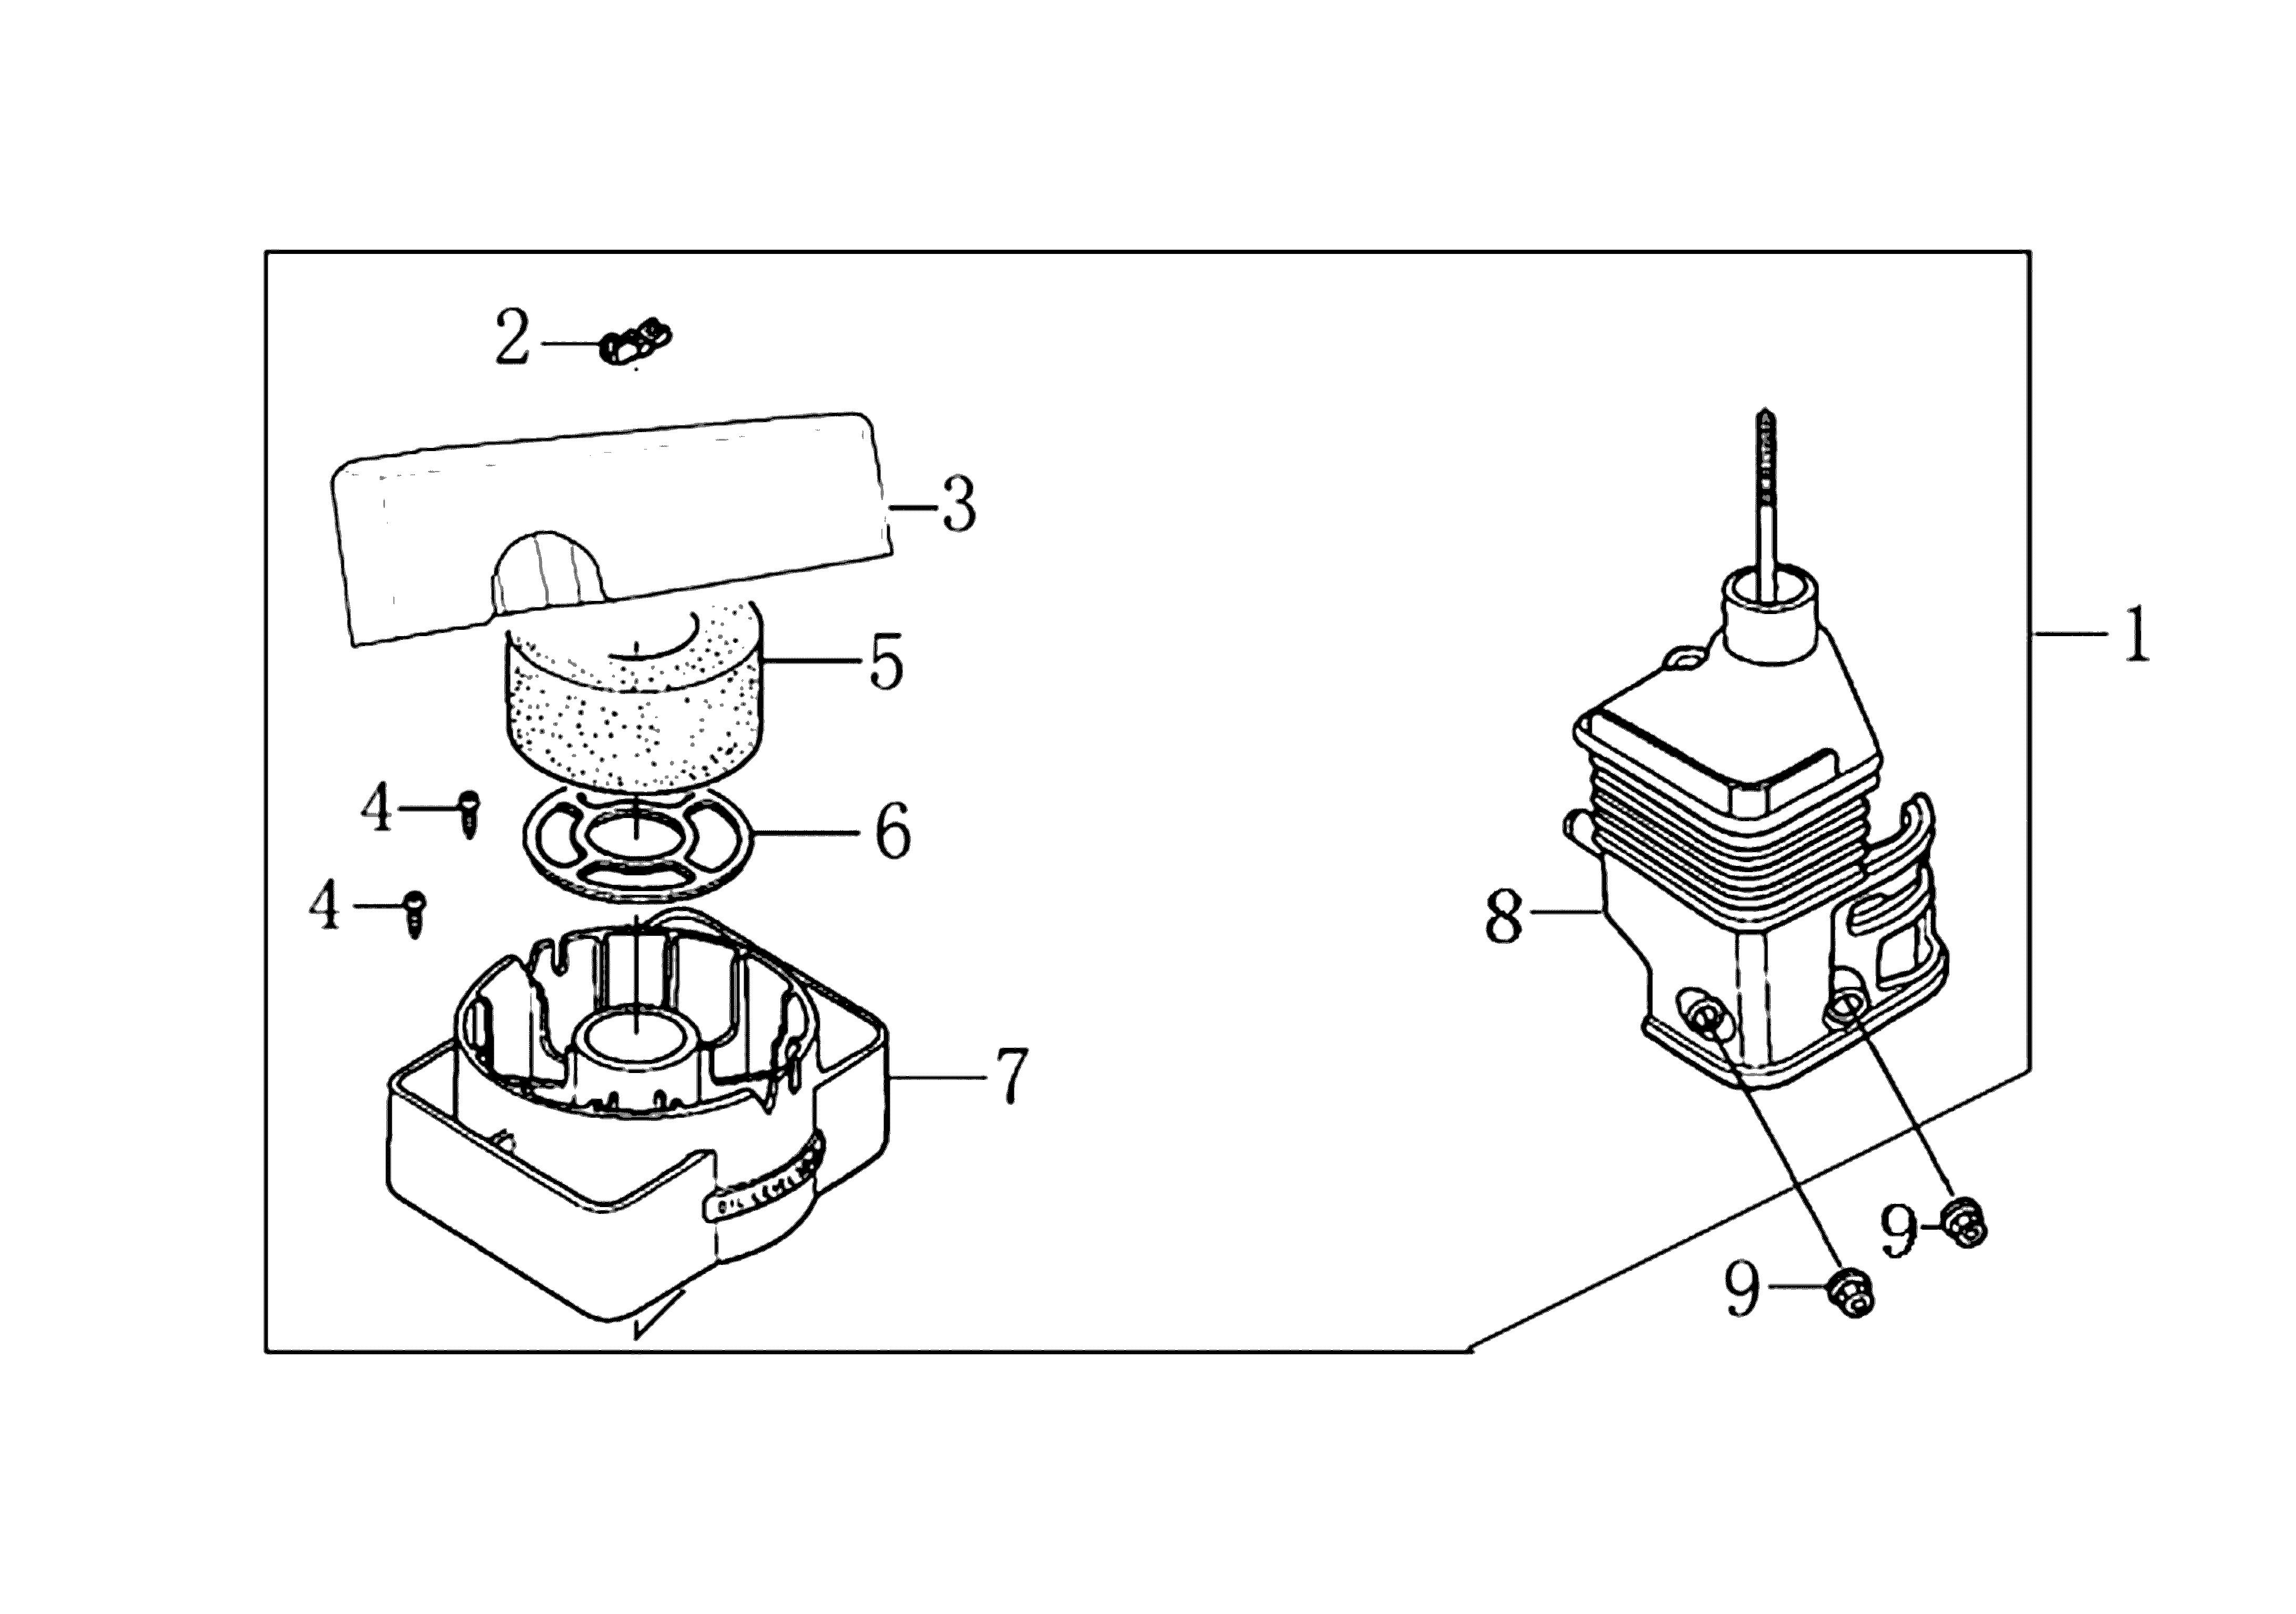 MH 180R - MH 180RK (K700 H) (EN709) Motobineuse oleomac Dessins pièces vue éclatée Filtre air